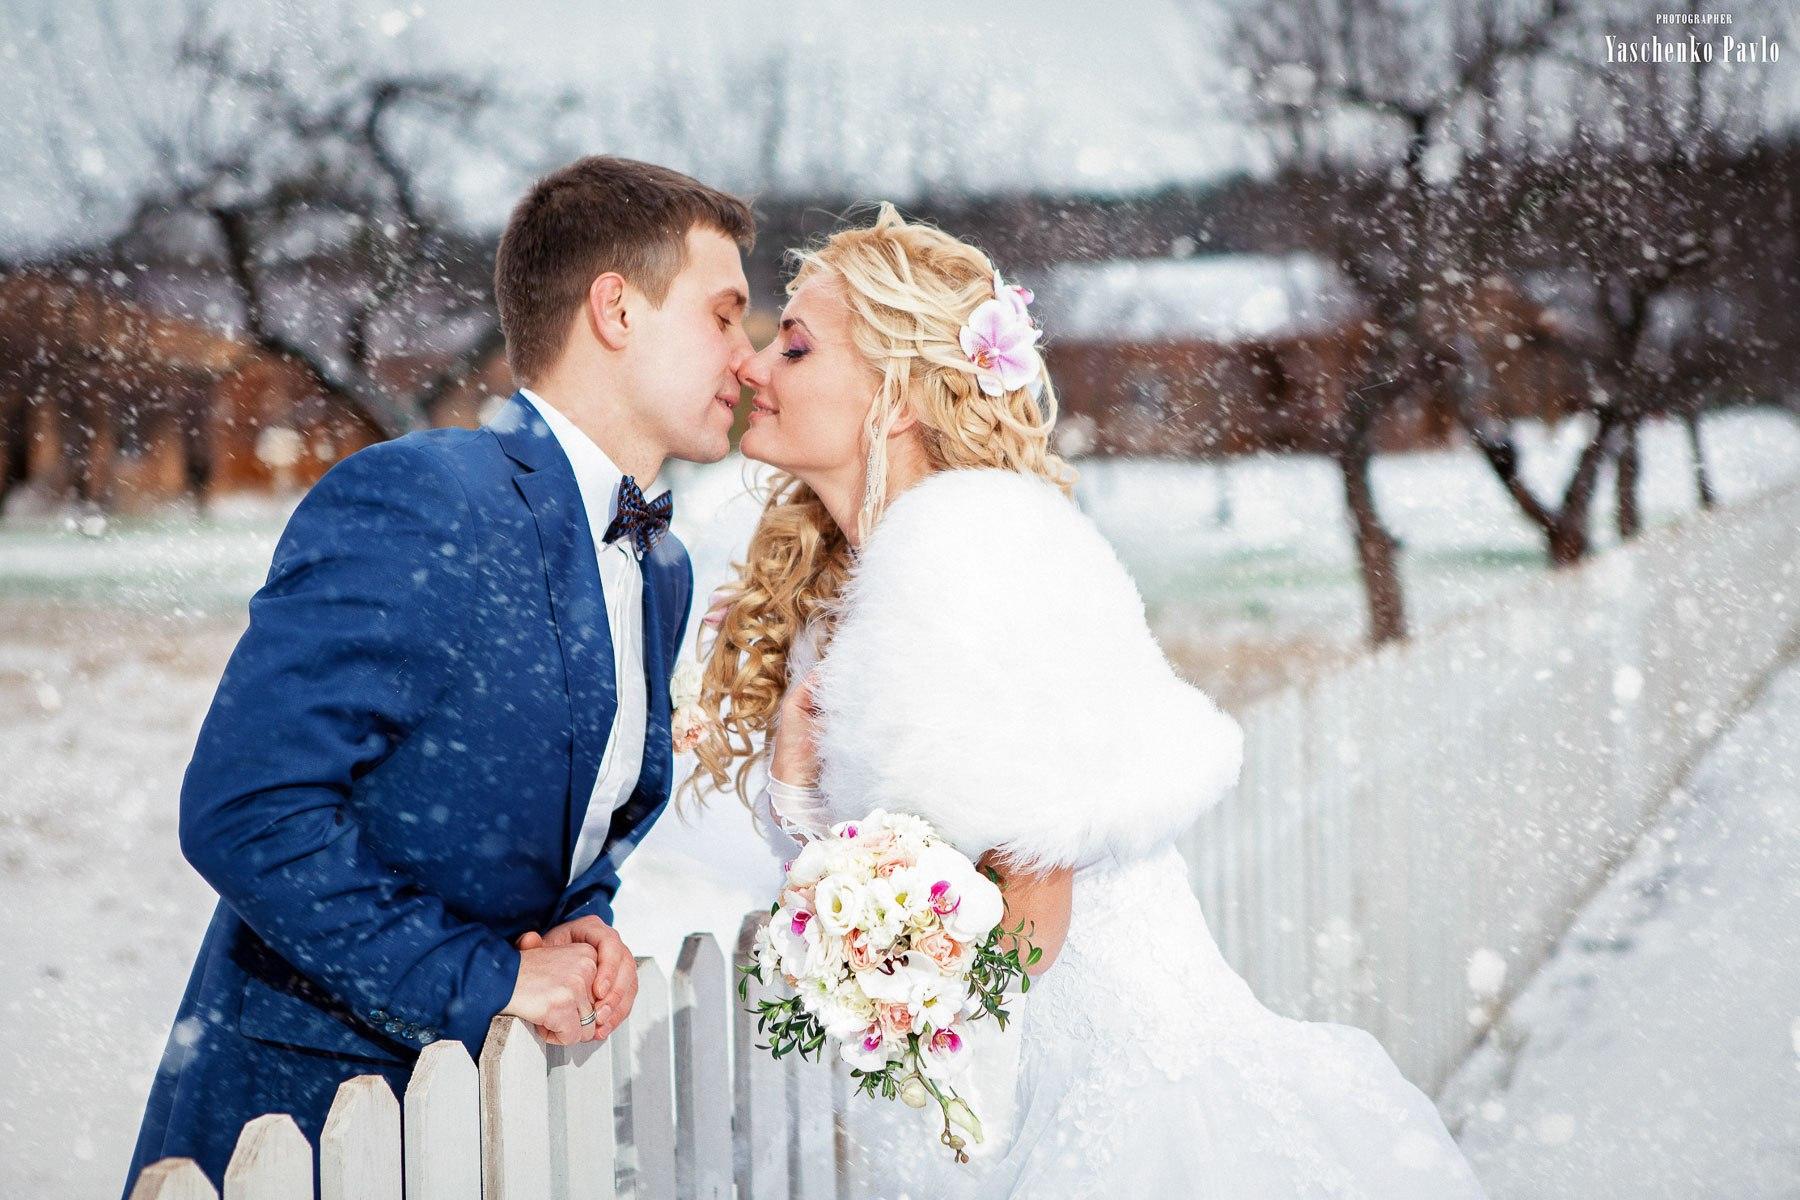 lKIIyxv5l7g - Небылицы о свадебном бюджете